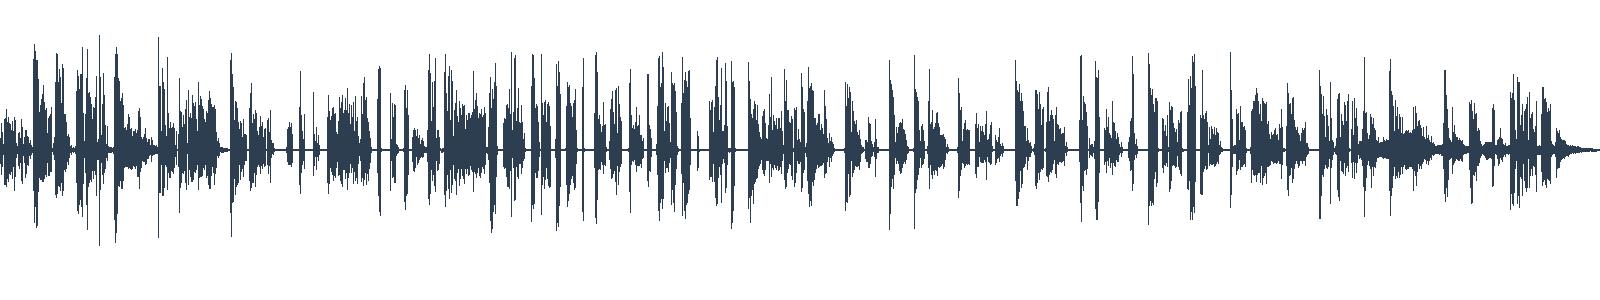 Osamělý mrtvý muž - ukázka z audioknihy waveform